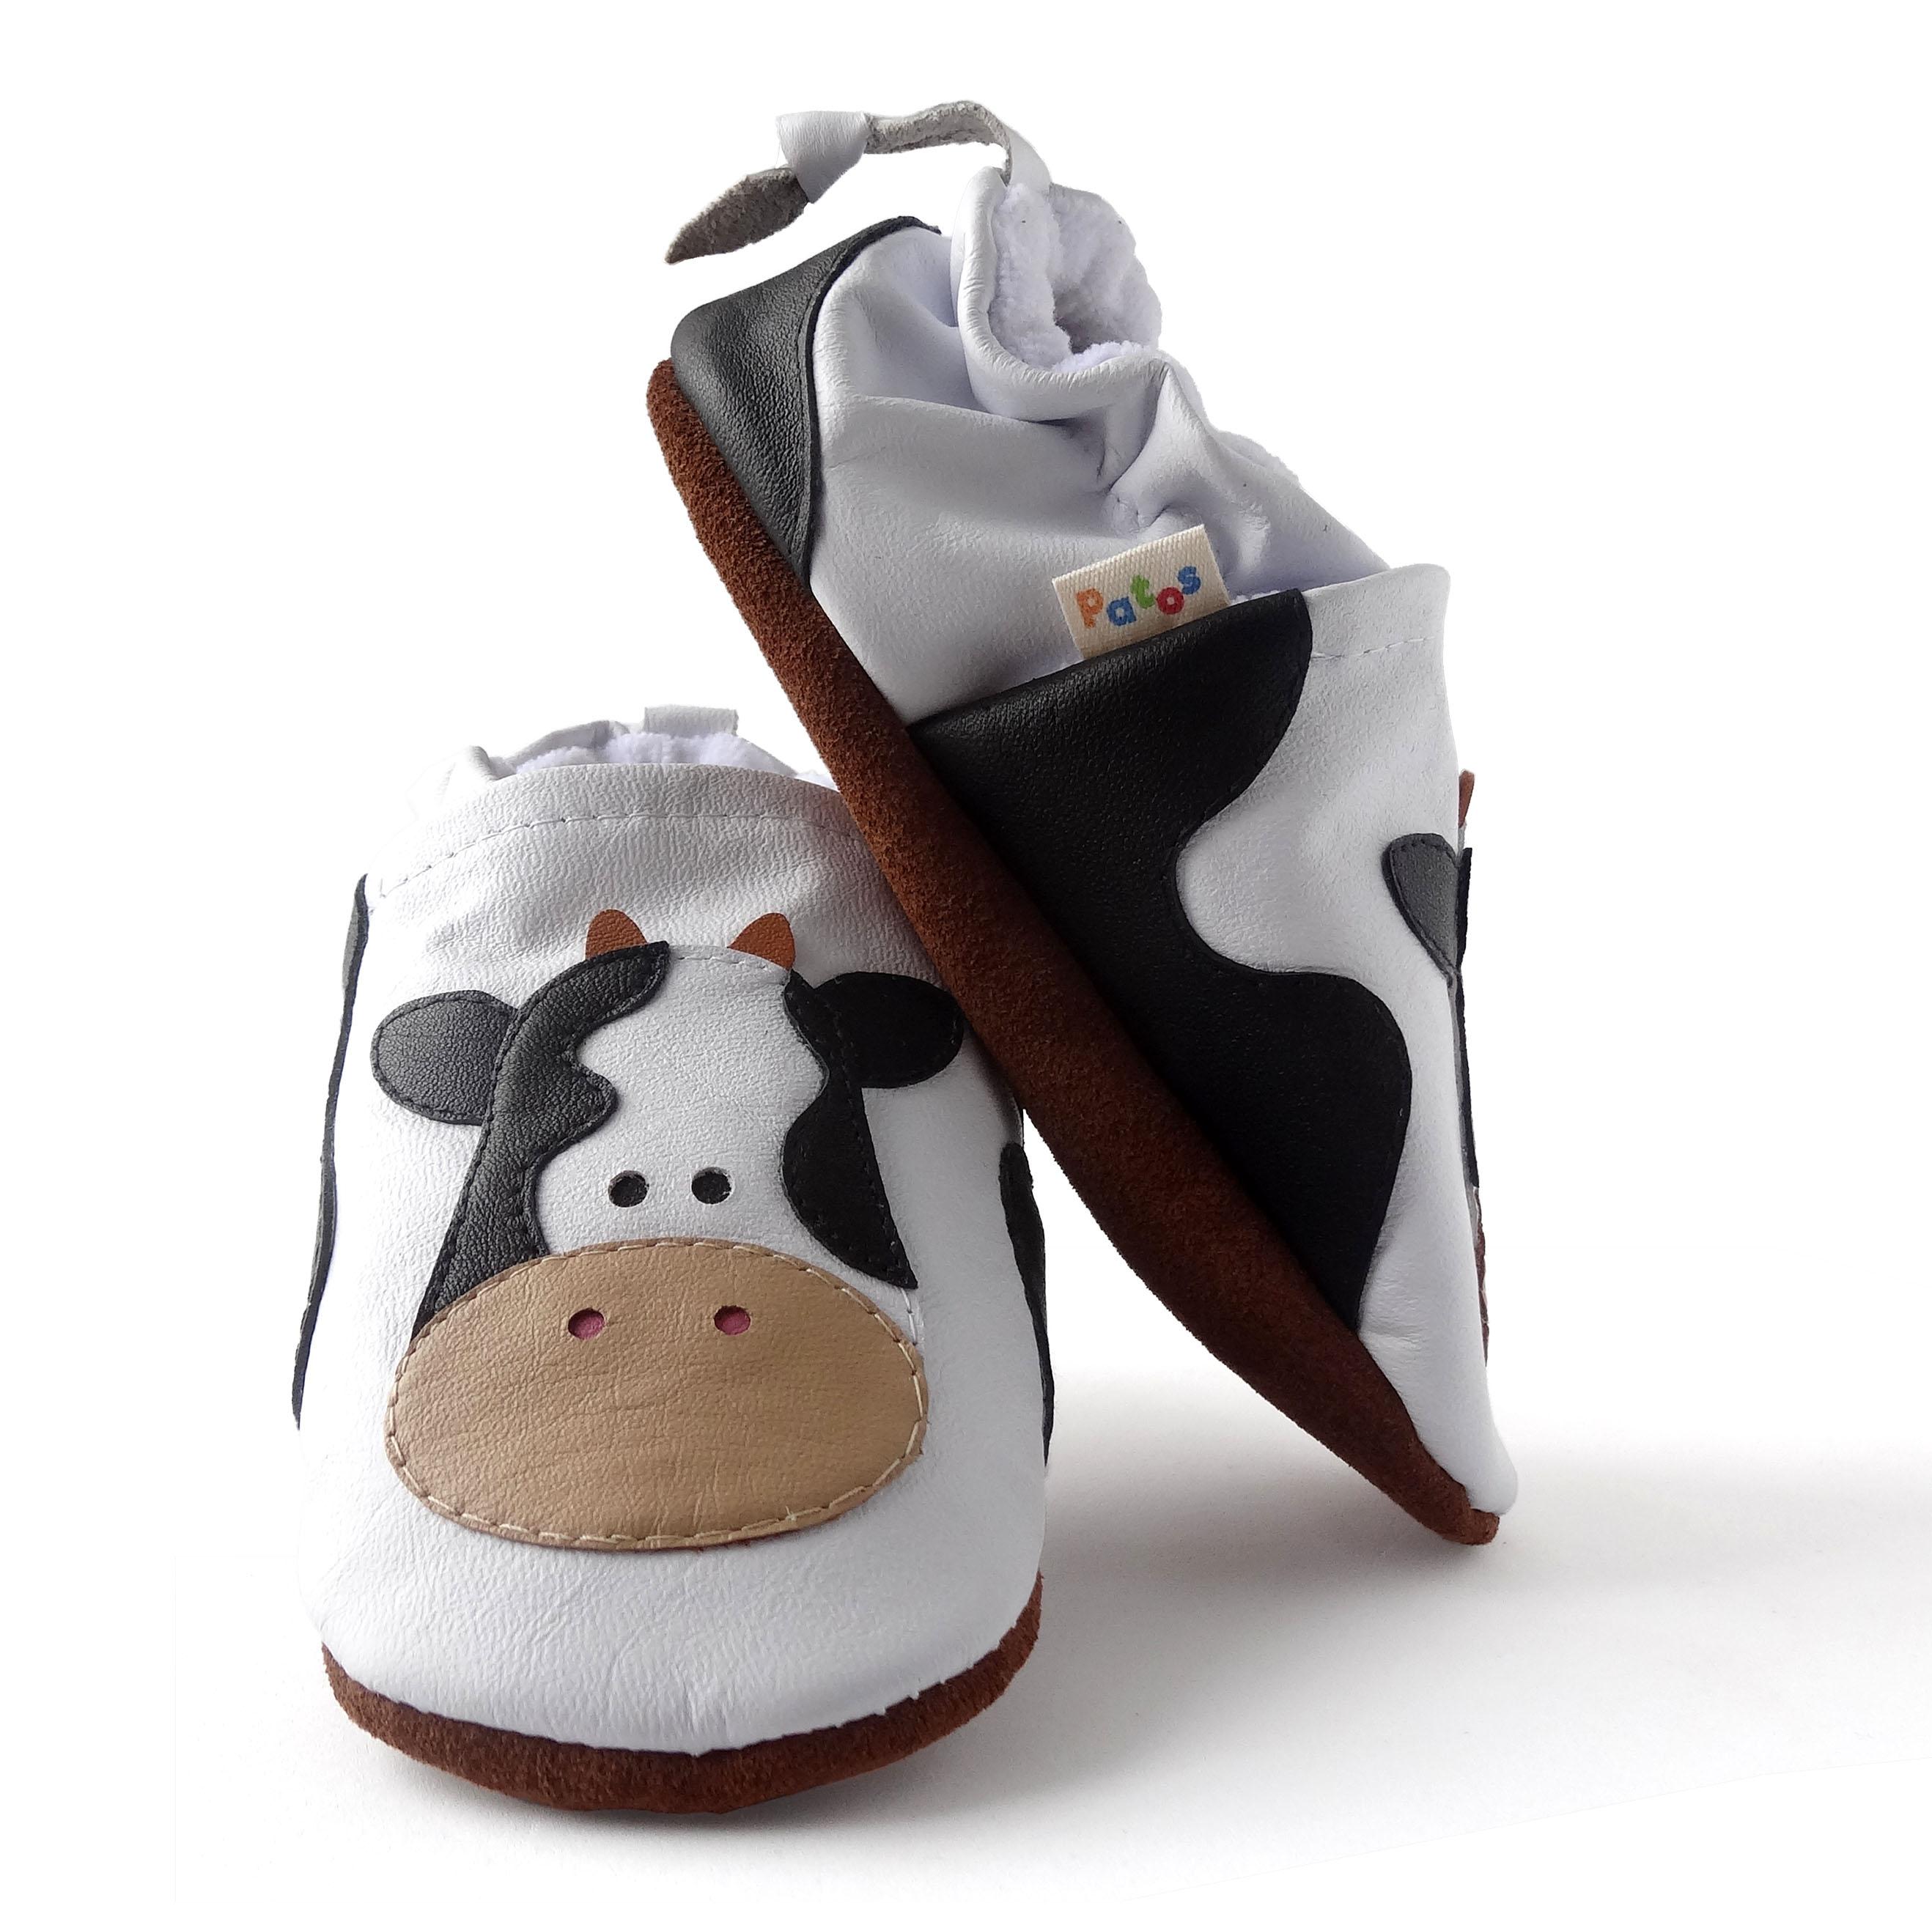 b2aa08ef27e49 Calzado para bebe sin suela. Diseño Vaca - Patos Zapatos